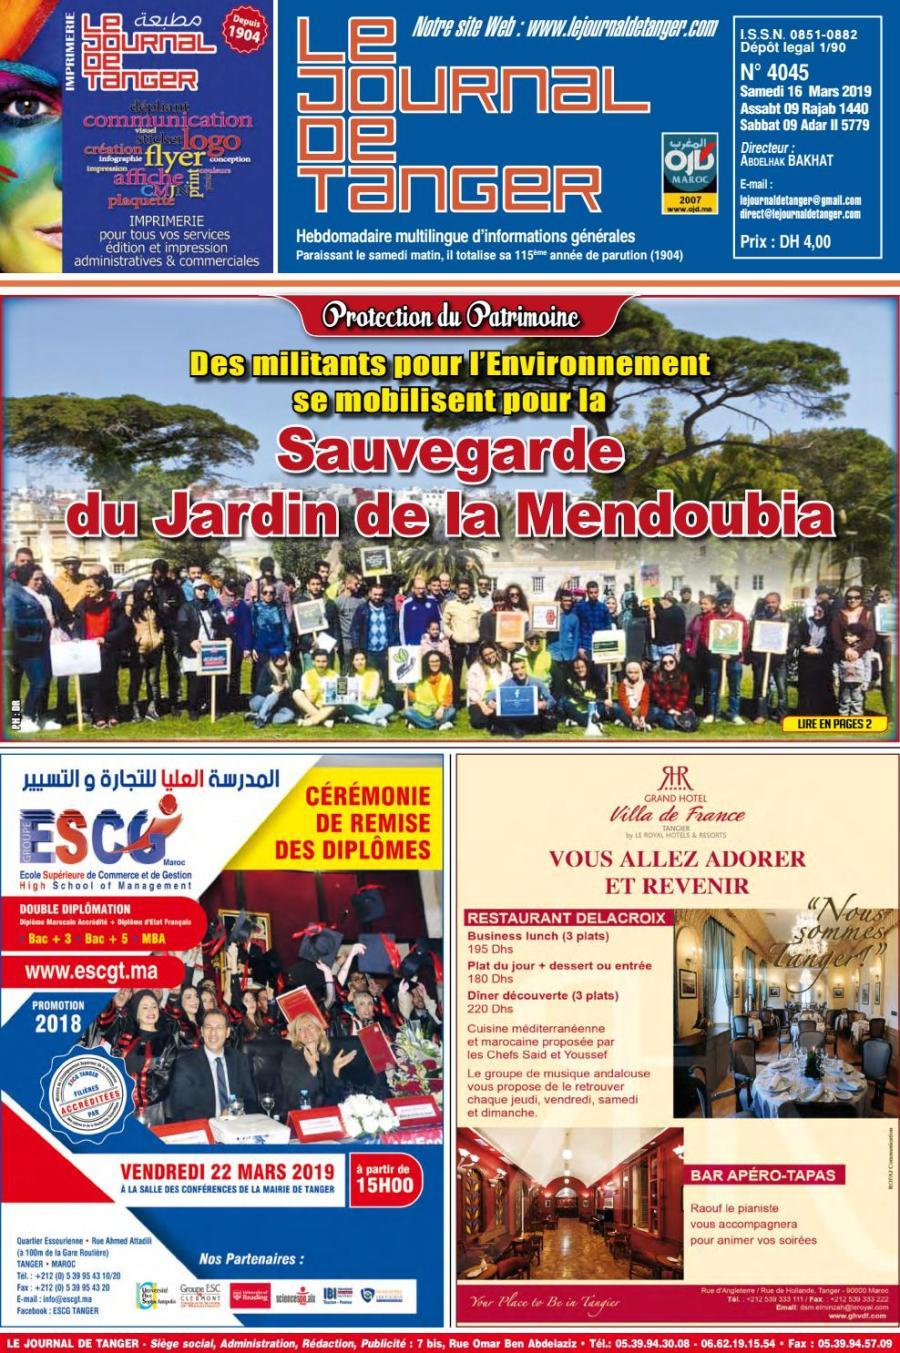 Le Journal De Tanger 16 Mars 2019 By Le Journal De Tanger